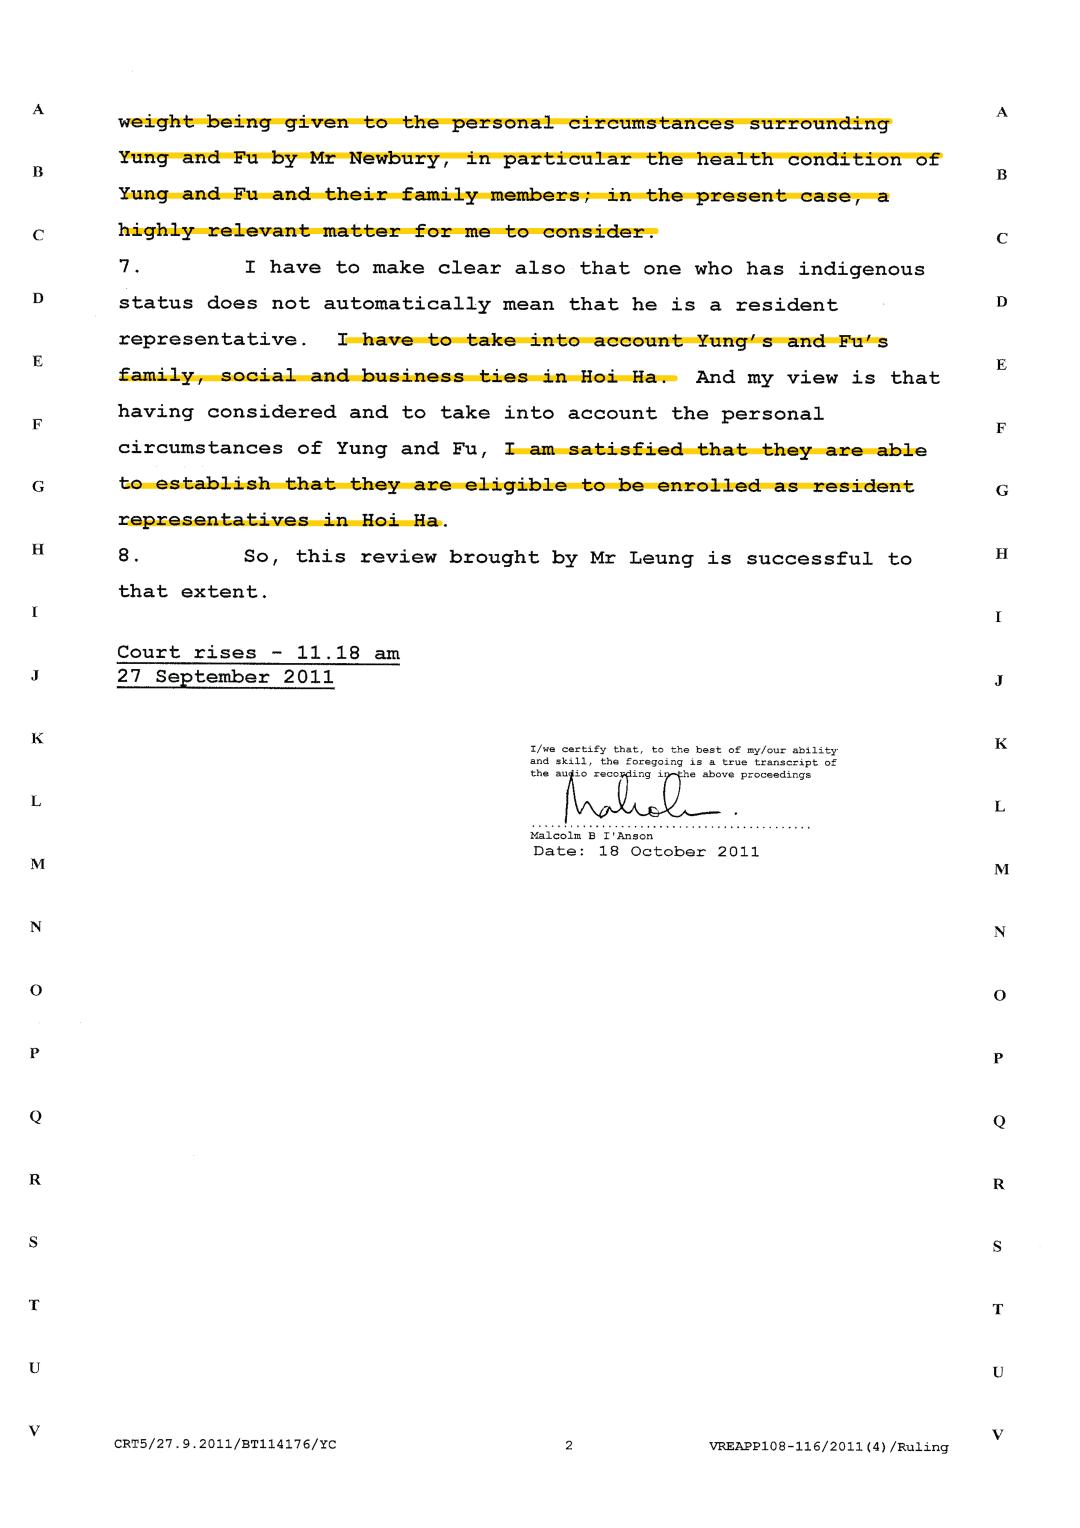 Newbery 2011年入稟法院的庭上紀錄,裁判官黃汝榮考慮到翁天生及傅美玲(譯音,翁天生妻子)於海下的家庭、社交和商業聯繫,認為他們符合海下居民代表的參選資格。